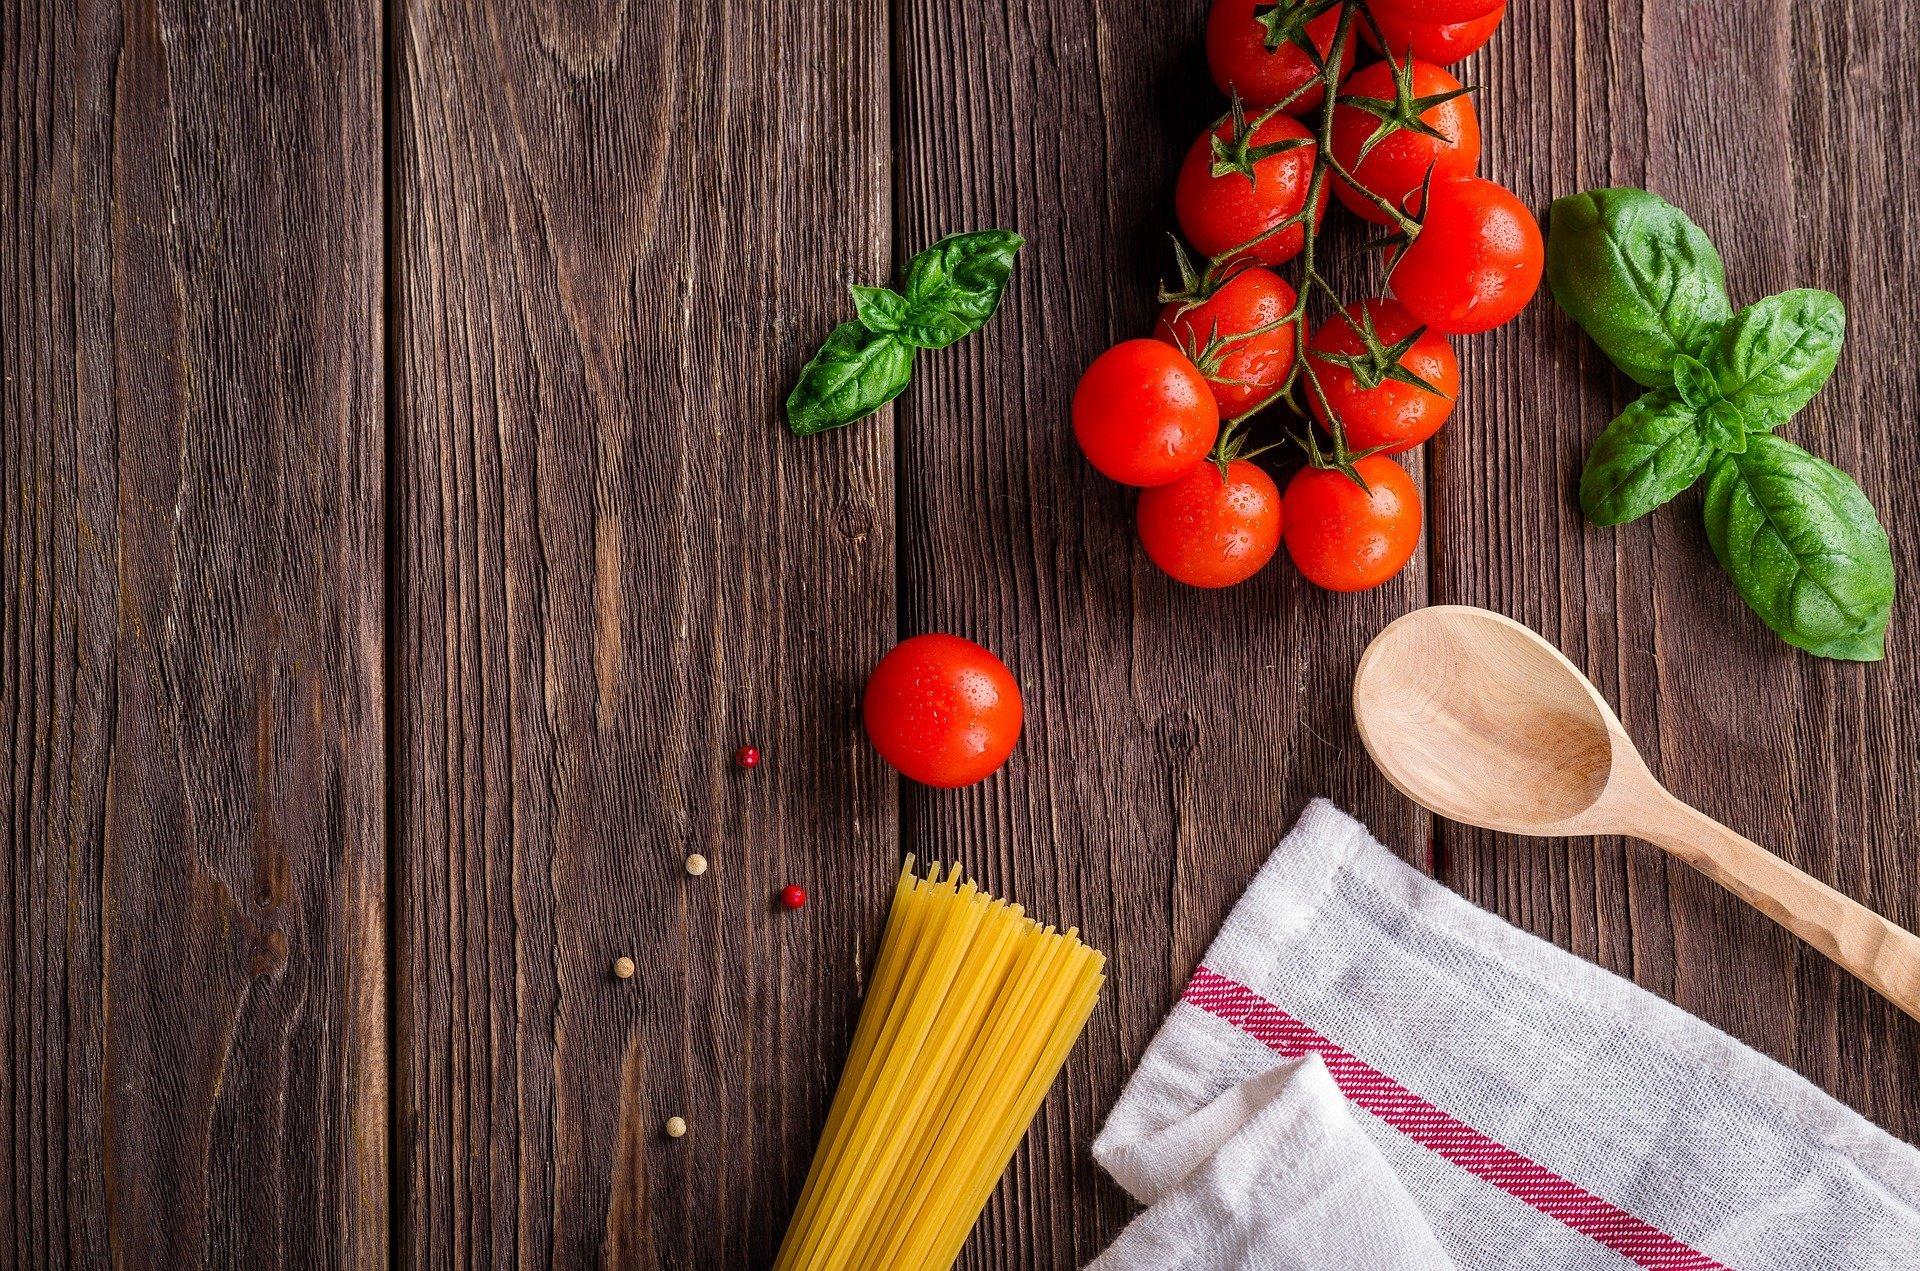 Tomatoes (photo: Daria-Yakovleva)